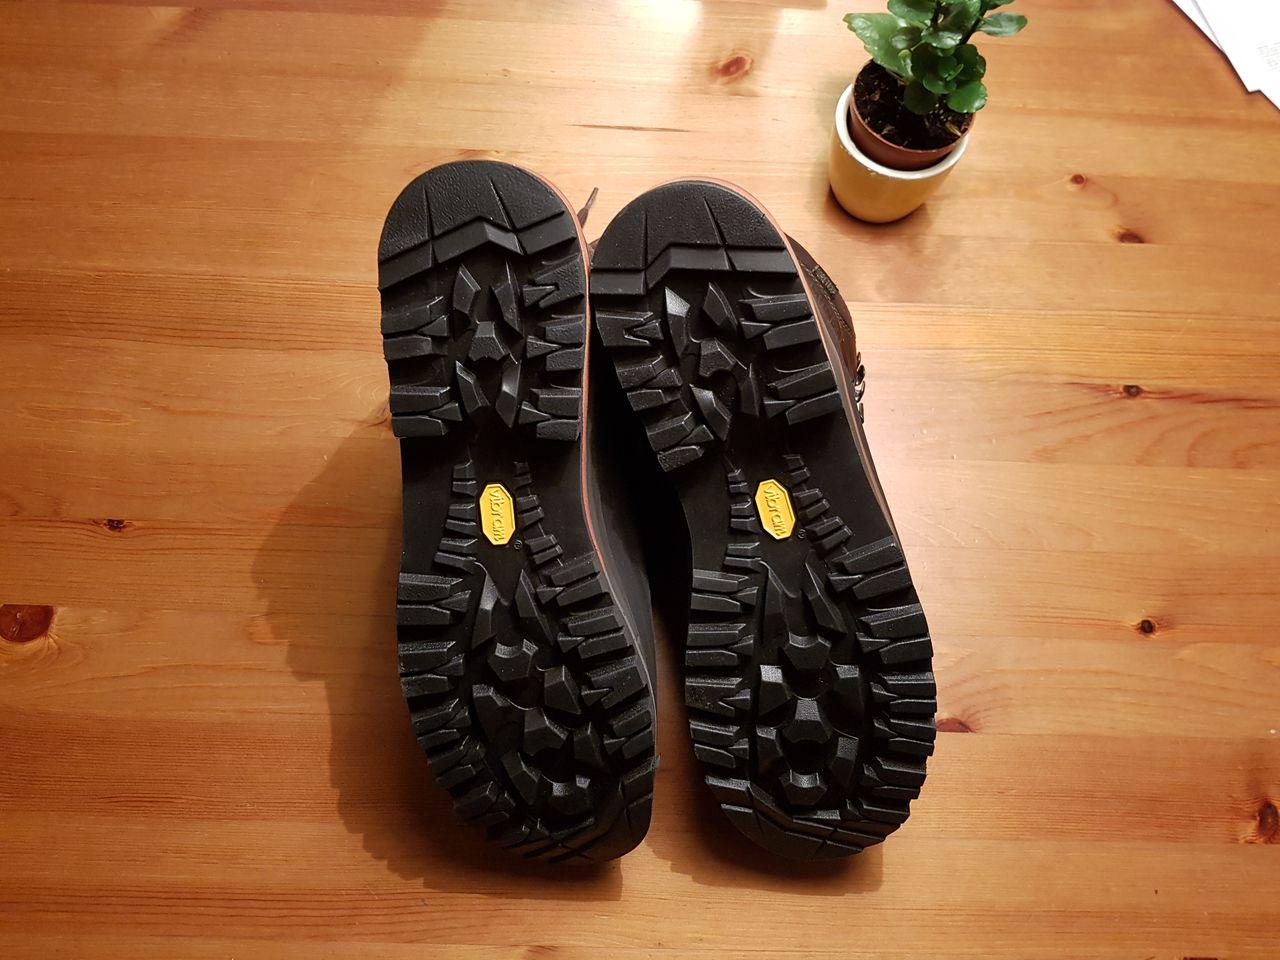 Wanderschuhe - Sohle kaputt - Neue Schuhe kaufen oder